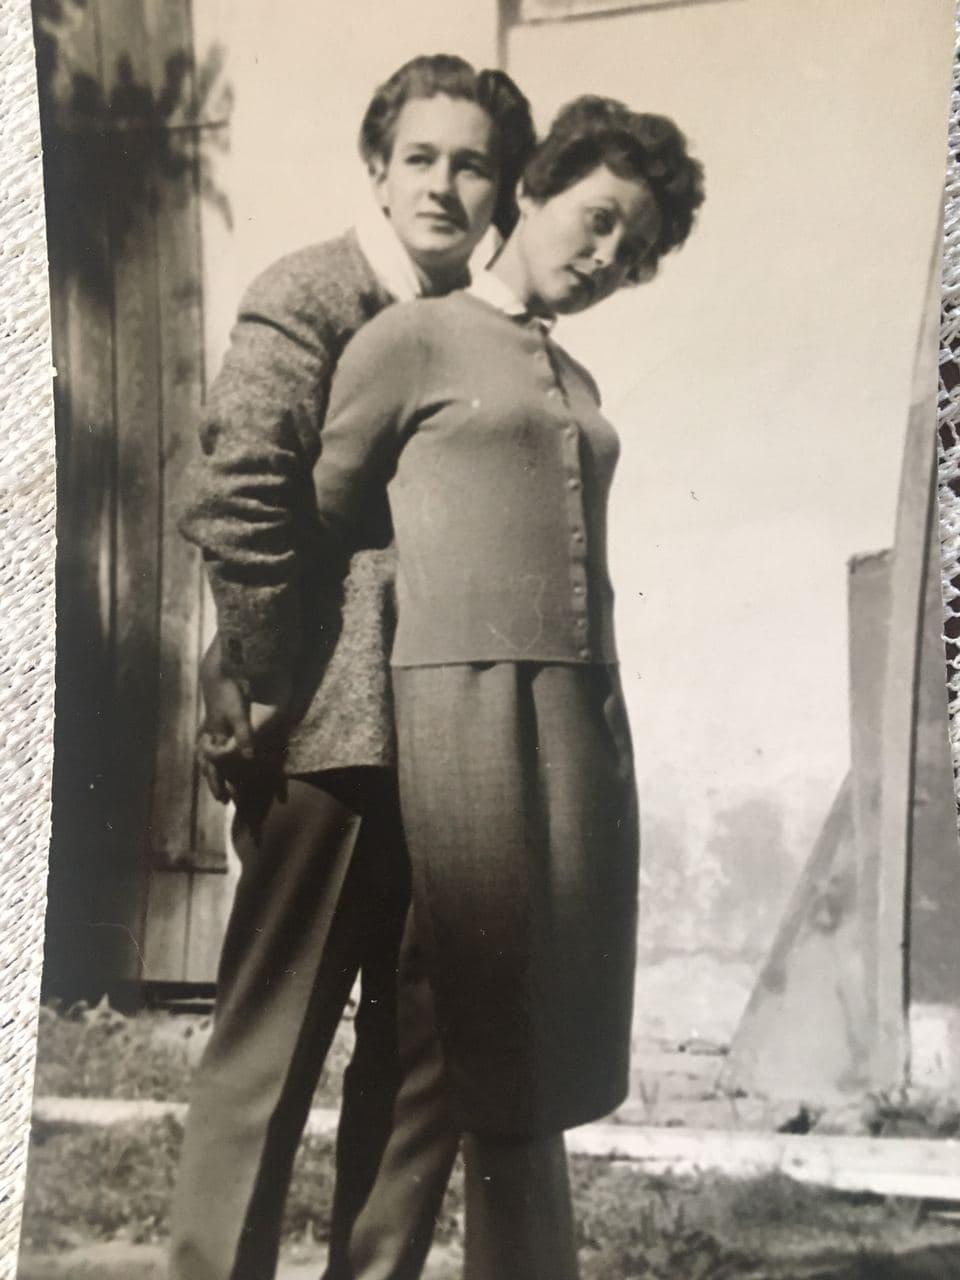 Це фото знайомі акторів вважали «непристойним» / фото з особистого архіву Жанни Тугай